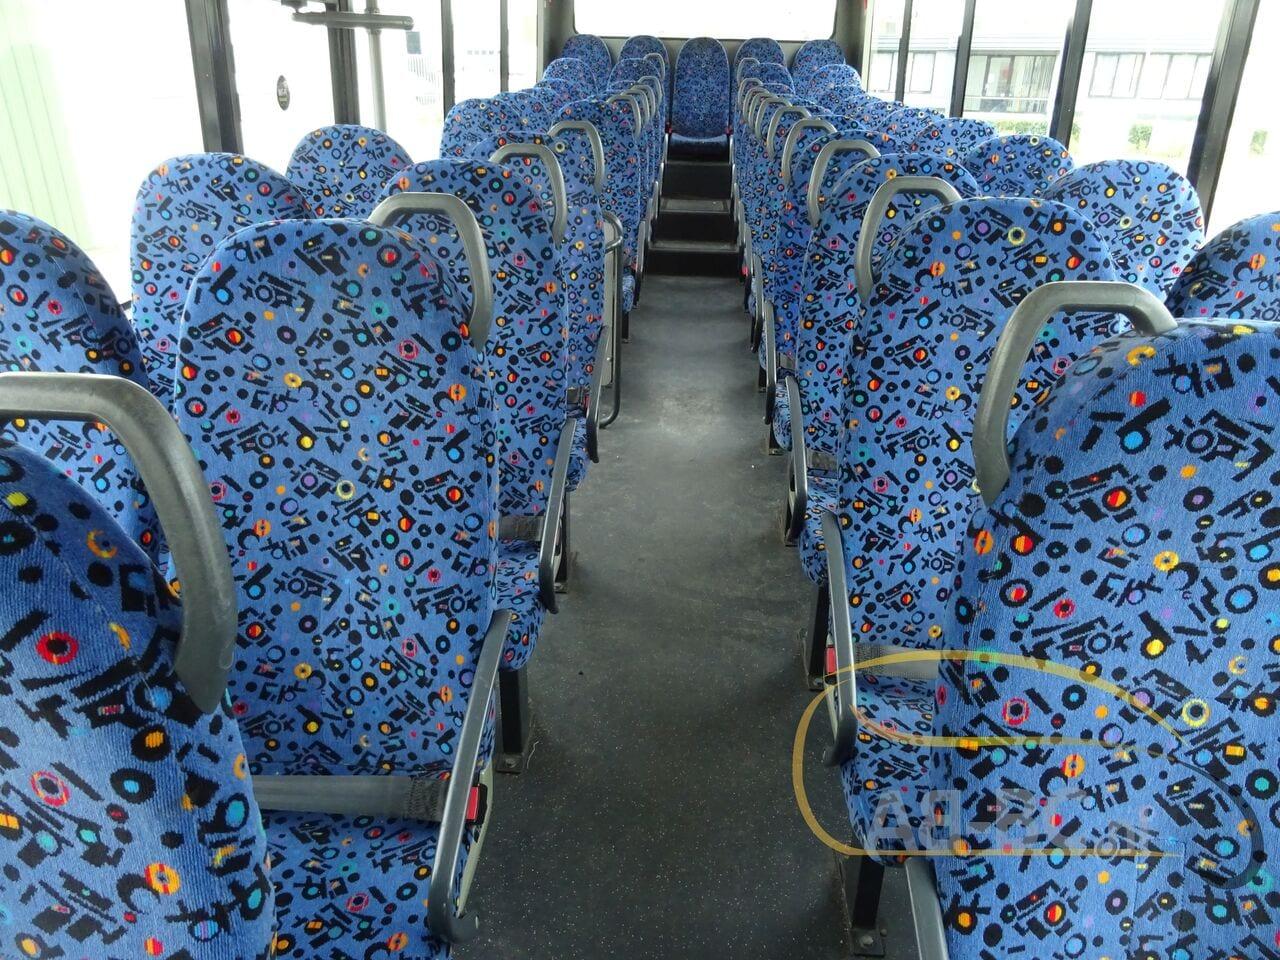 interurban-busMAN-Fast-64-seats---1619619989673147544_big_8efbea56be26fe912dd553cc26456a95--21042817163019598600